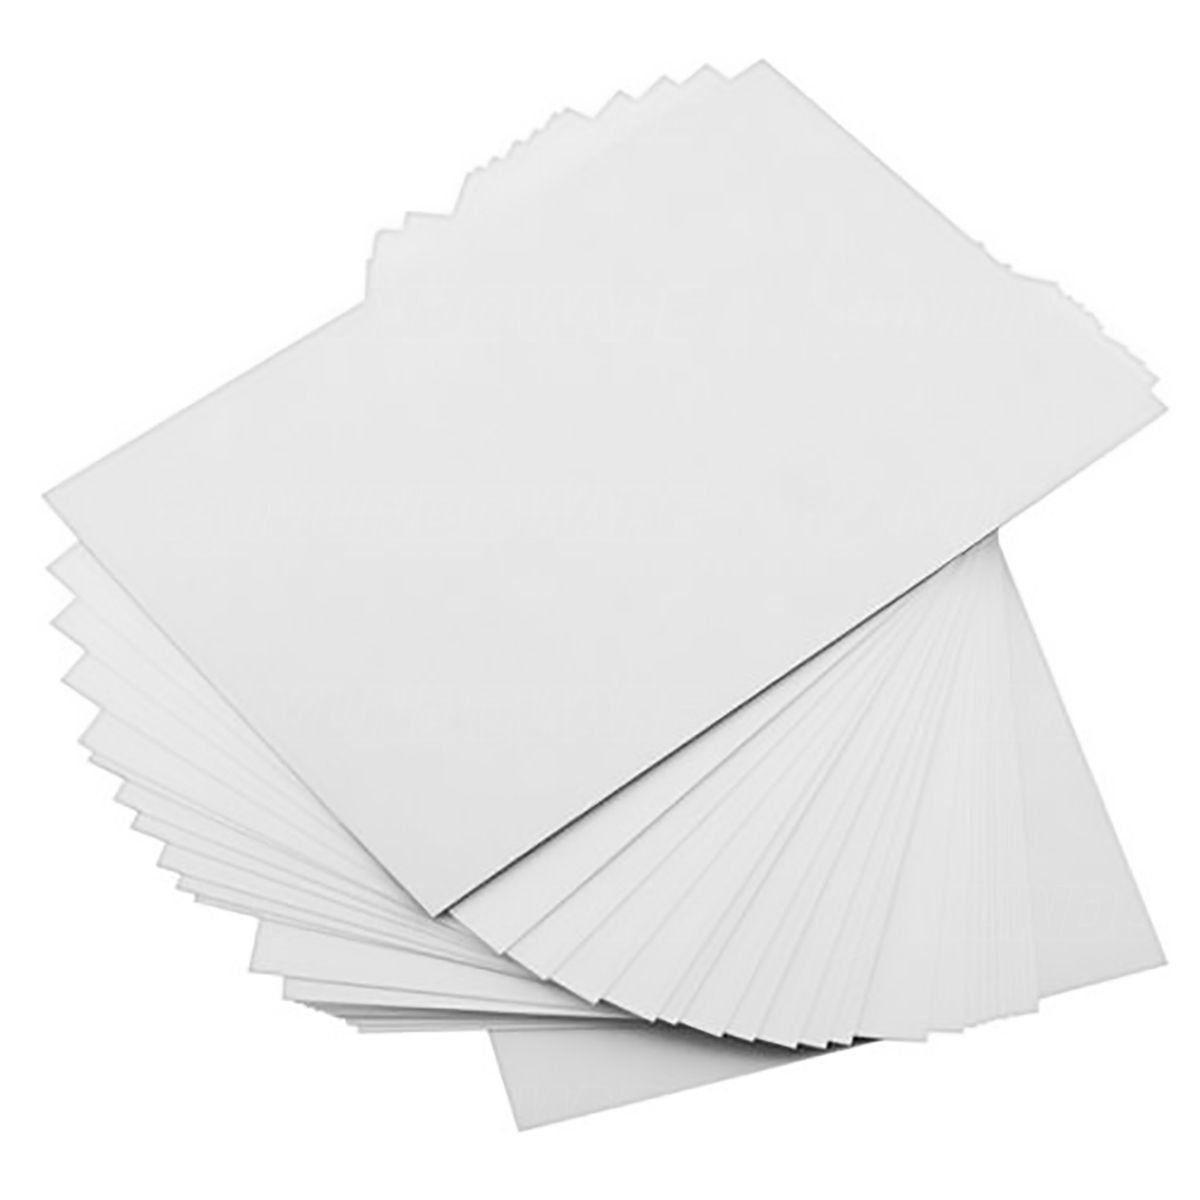 Papel Foto Adesivo Matte Fosco 108g A4 Branco Resistente à Água / 200 folhas